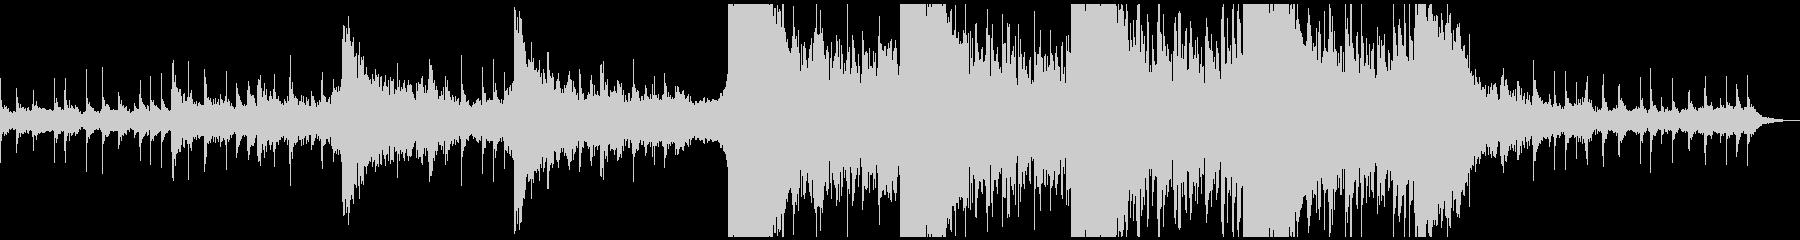 前衛交響曲 アンビエントミュージッ...の未再生の波形